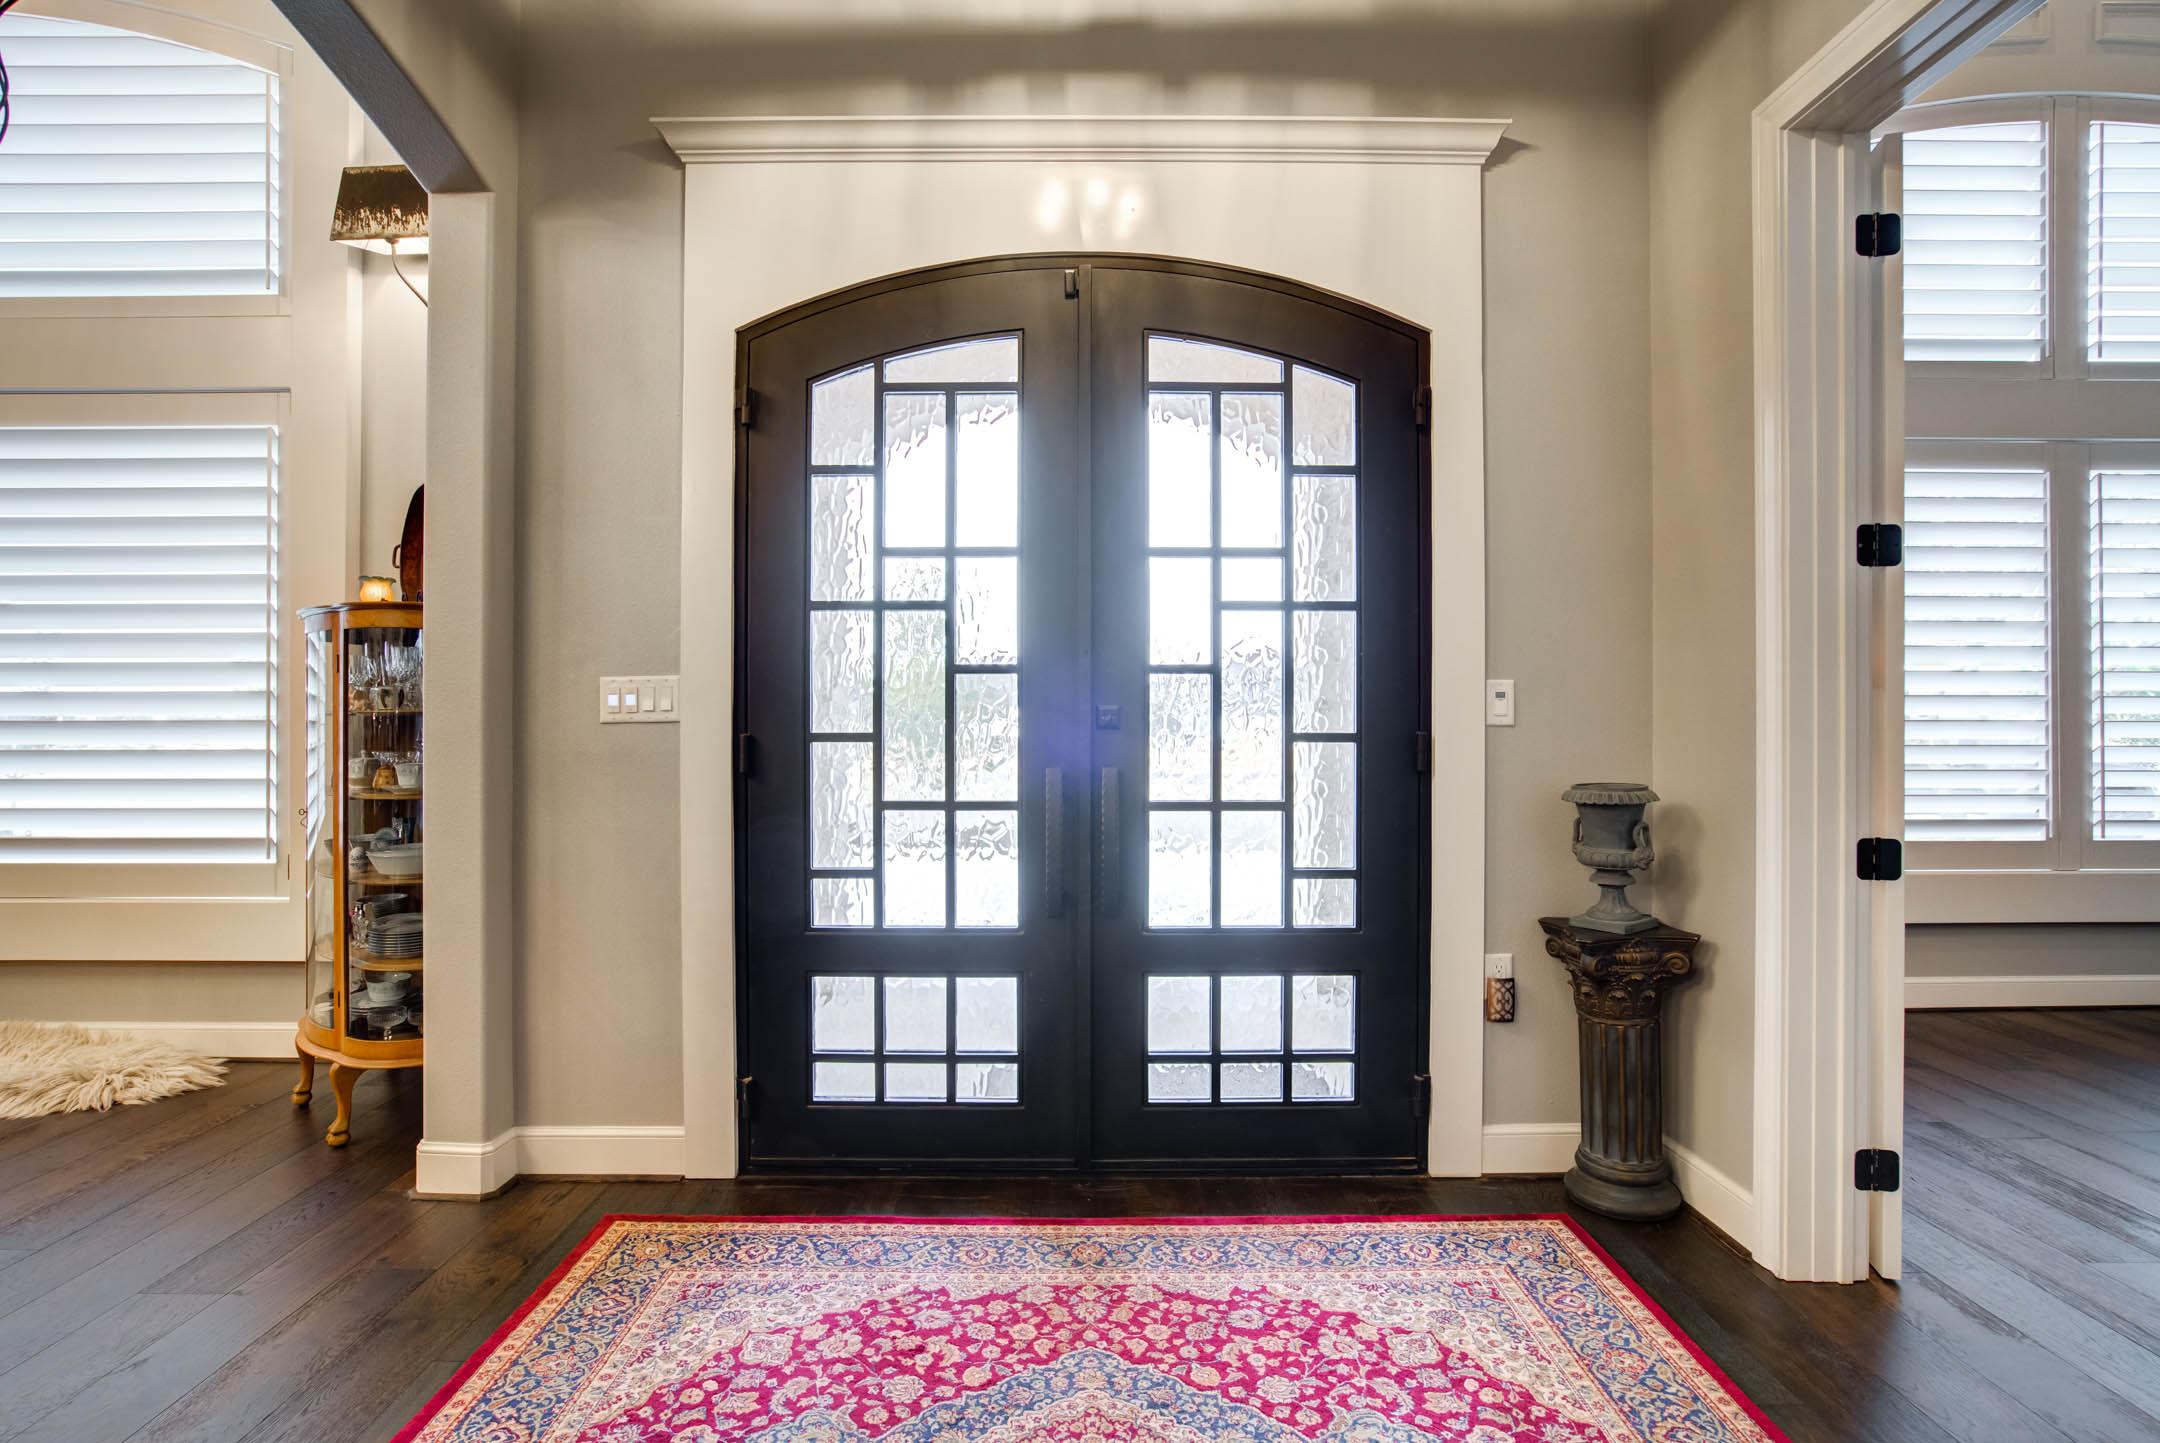 Entry foyer of custom home in Lubbock, Texas.